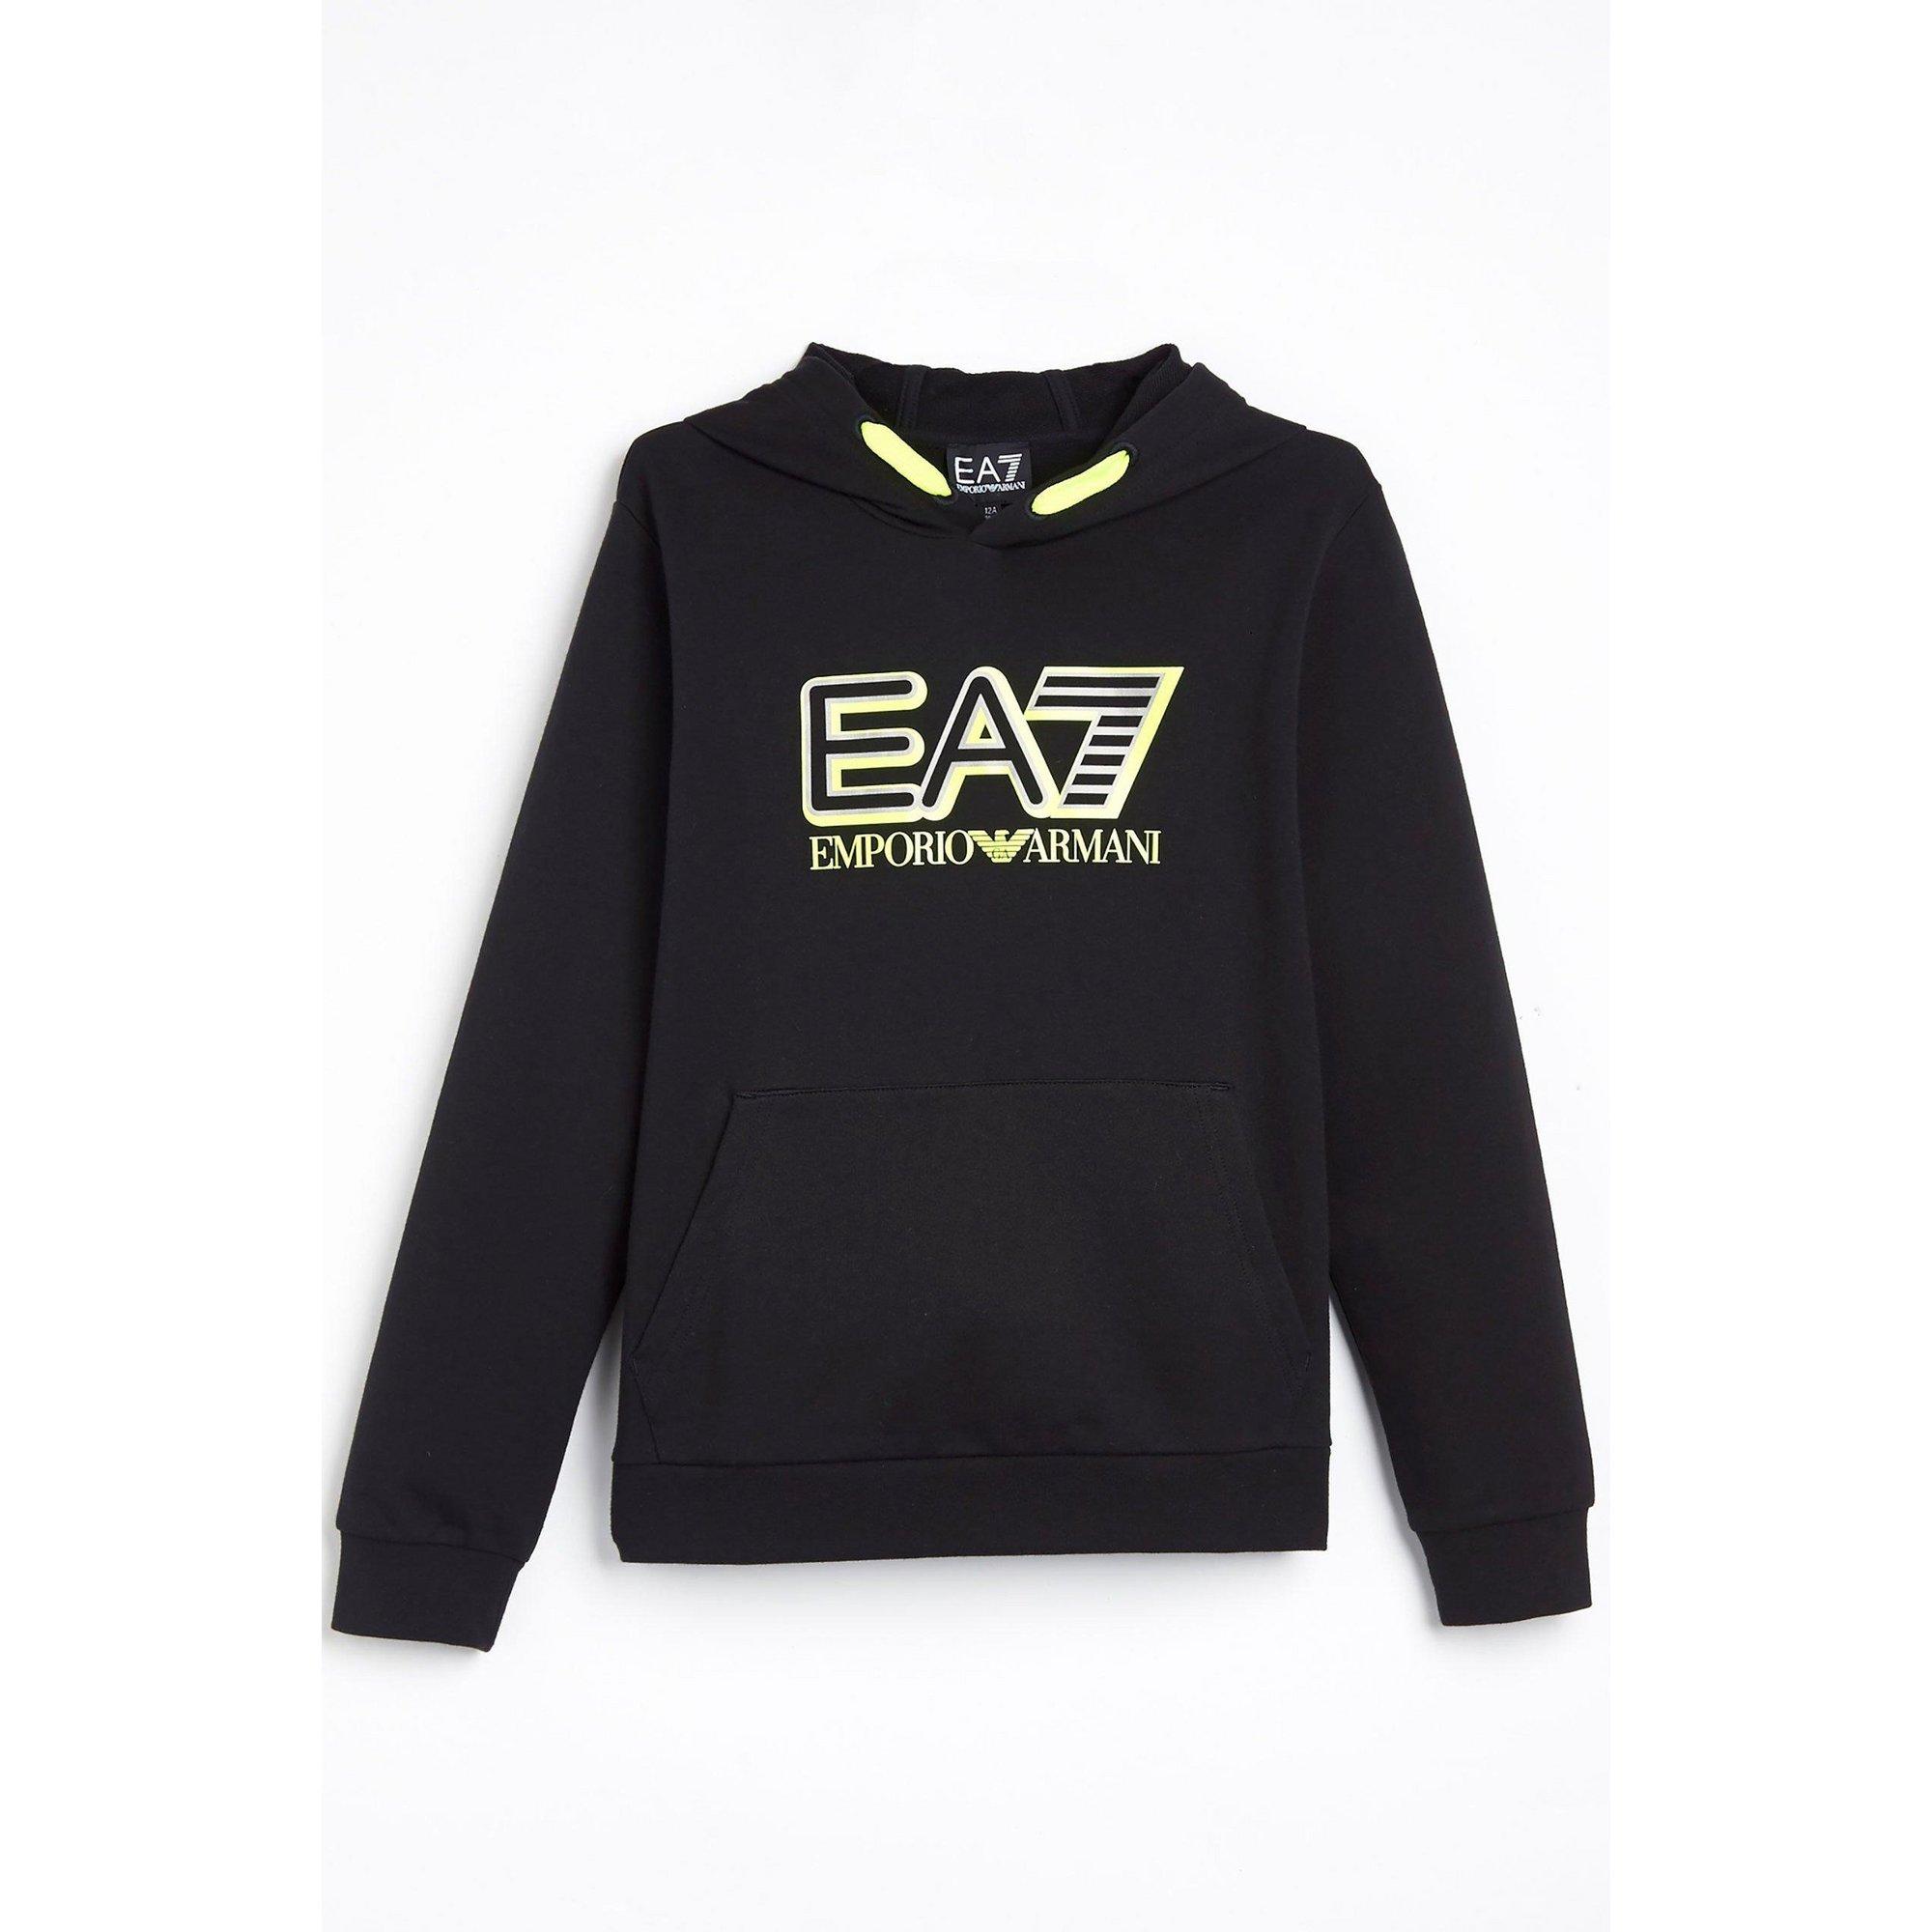 Image of Boys EA7 Train Visibility Hoody